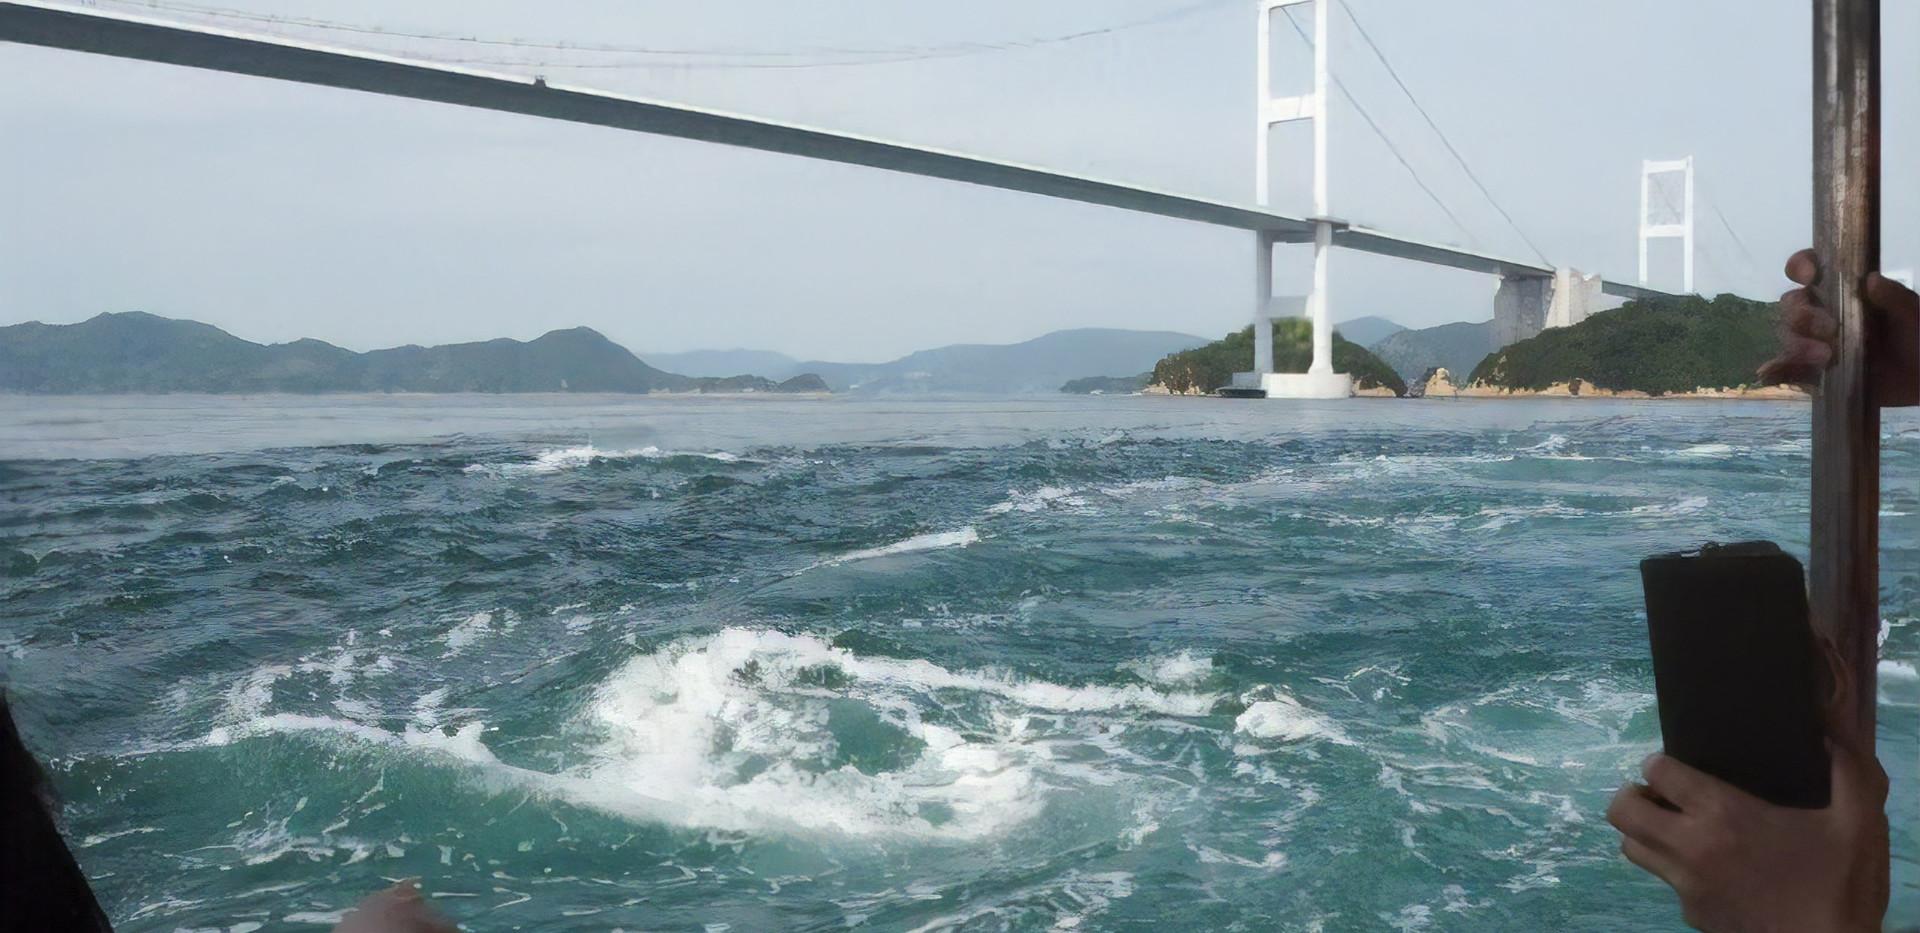 能島水軍・渦潮